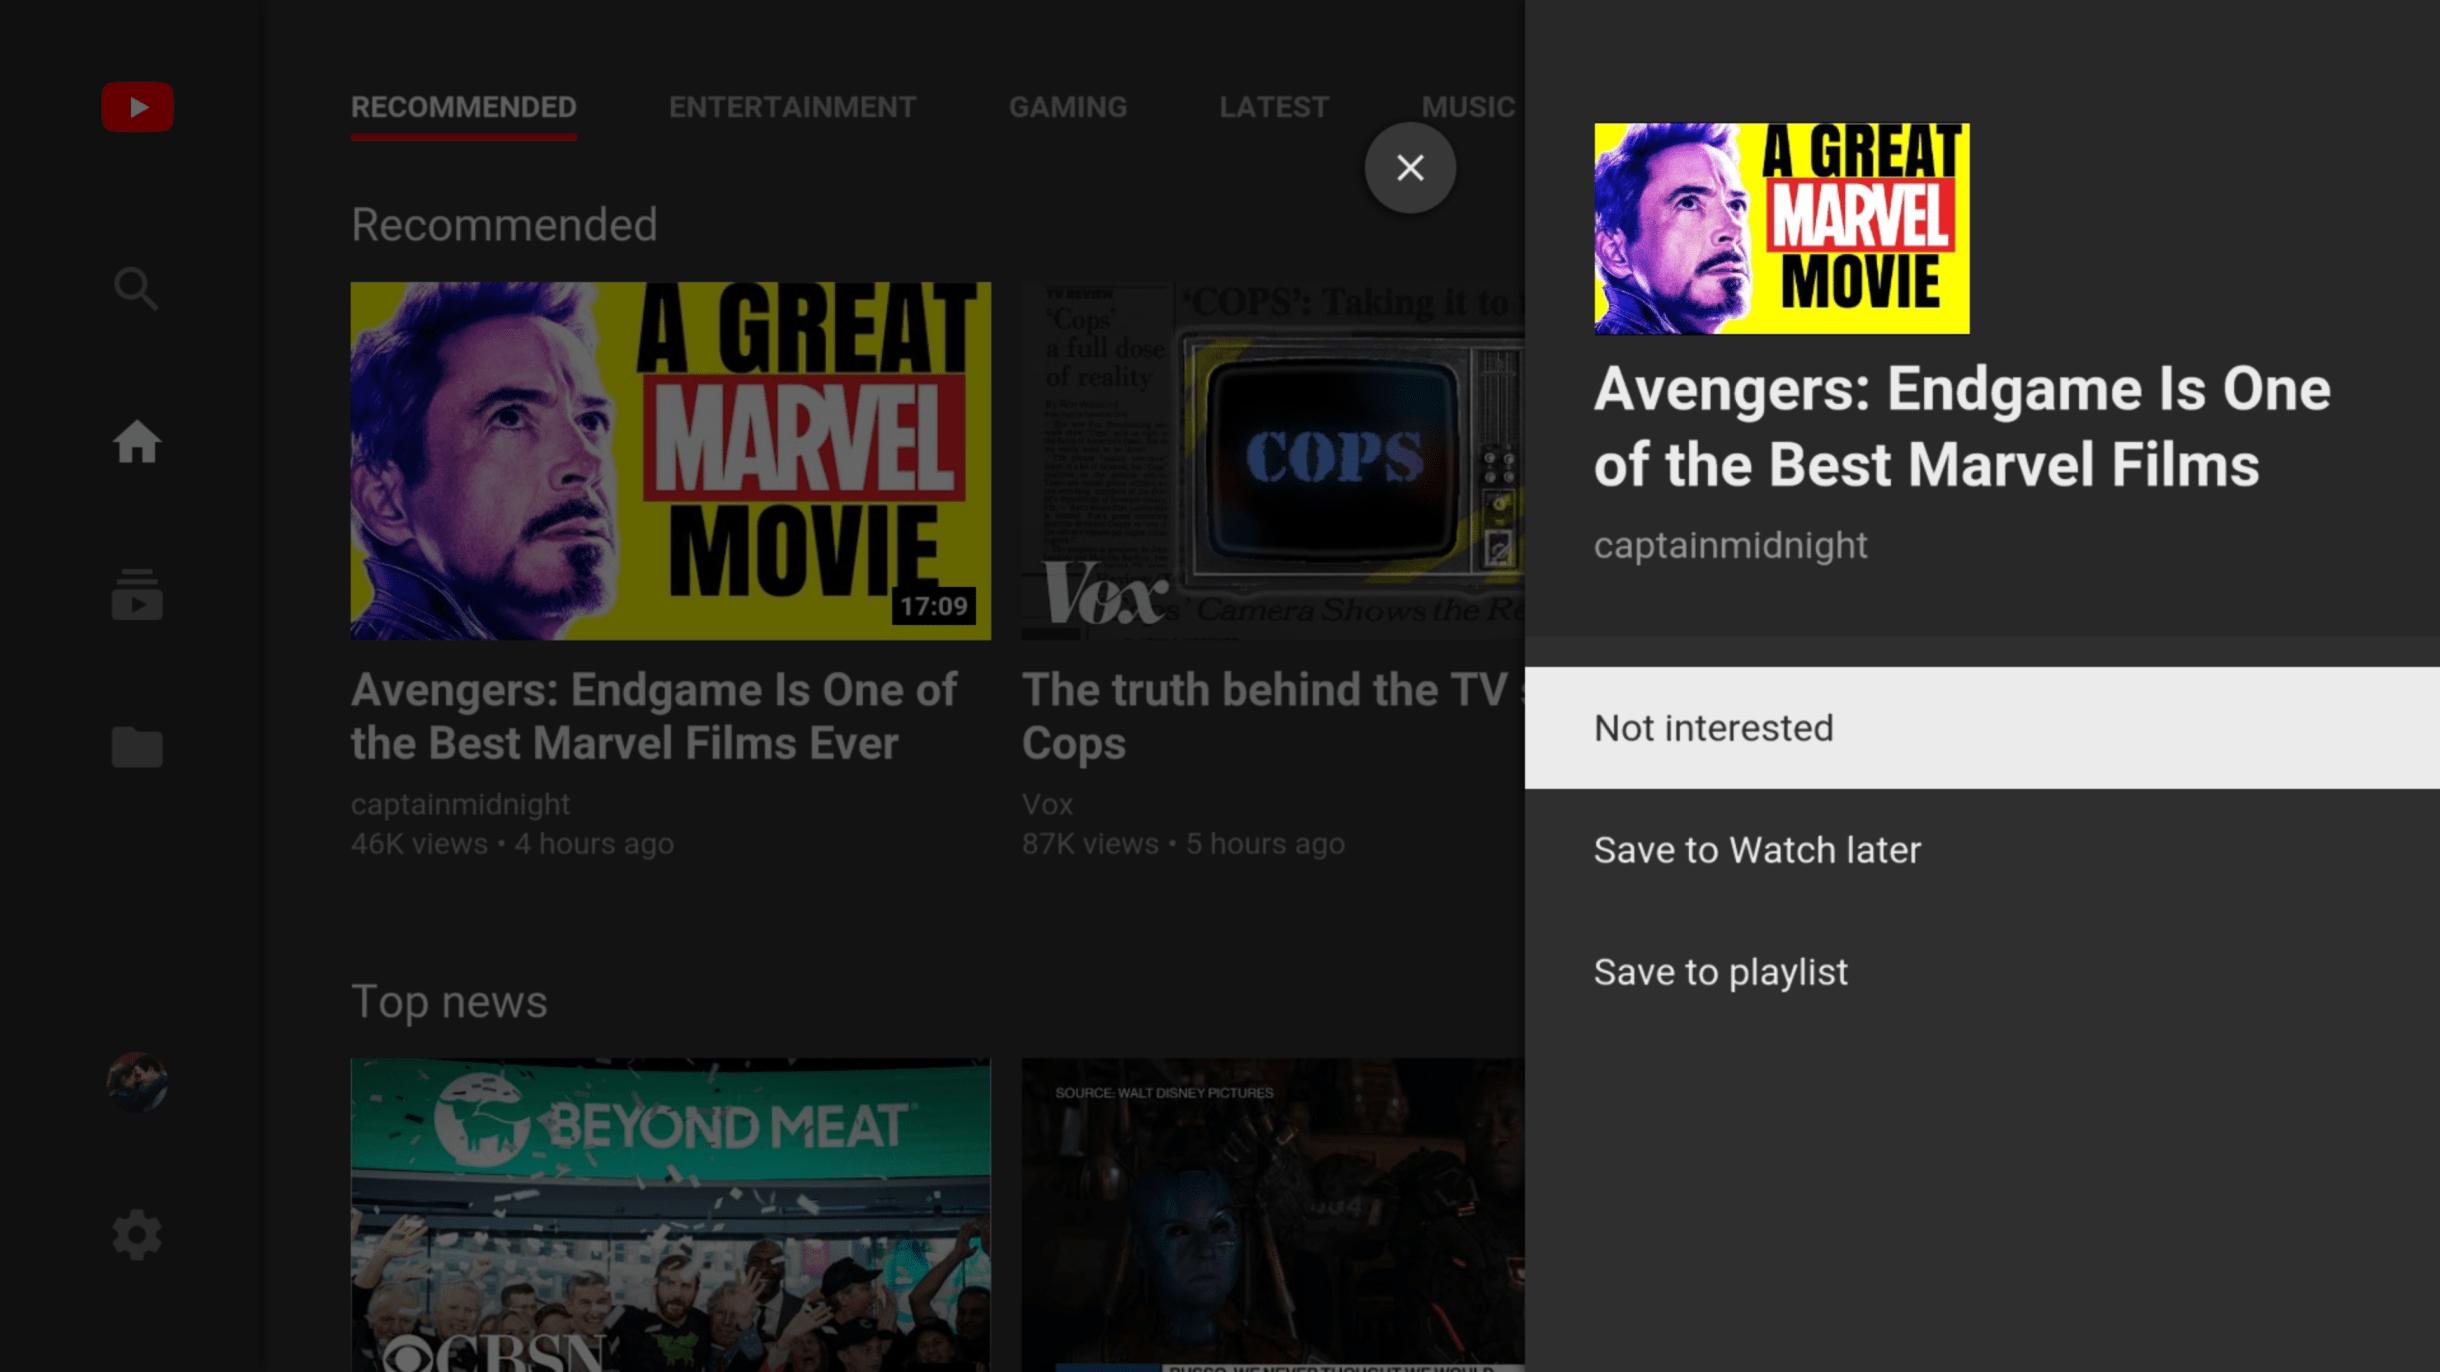 youtube tv - بعد طول انتظار.. تطبيق يوتيوب على التلفاز يدعم حفظ مقاطع الفيديو لمشاهدتها لاحقاً